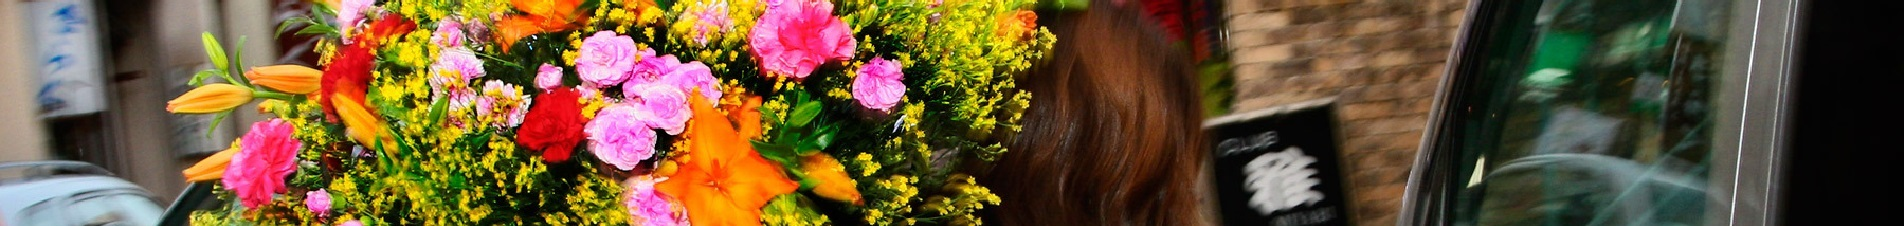 bloemen naar het buitenland verzenden